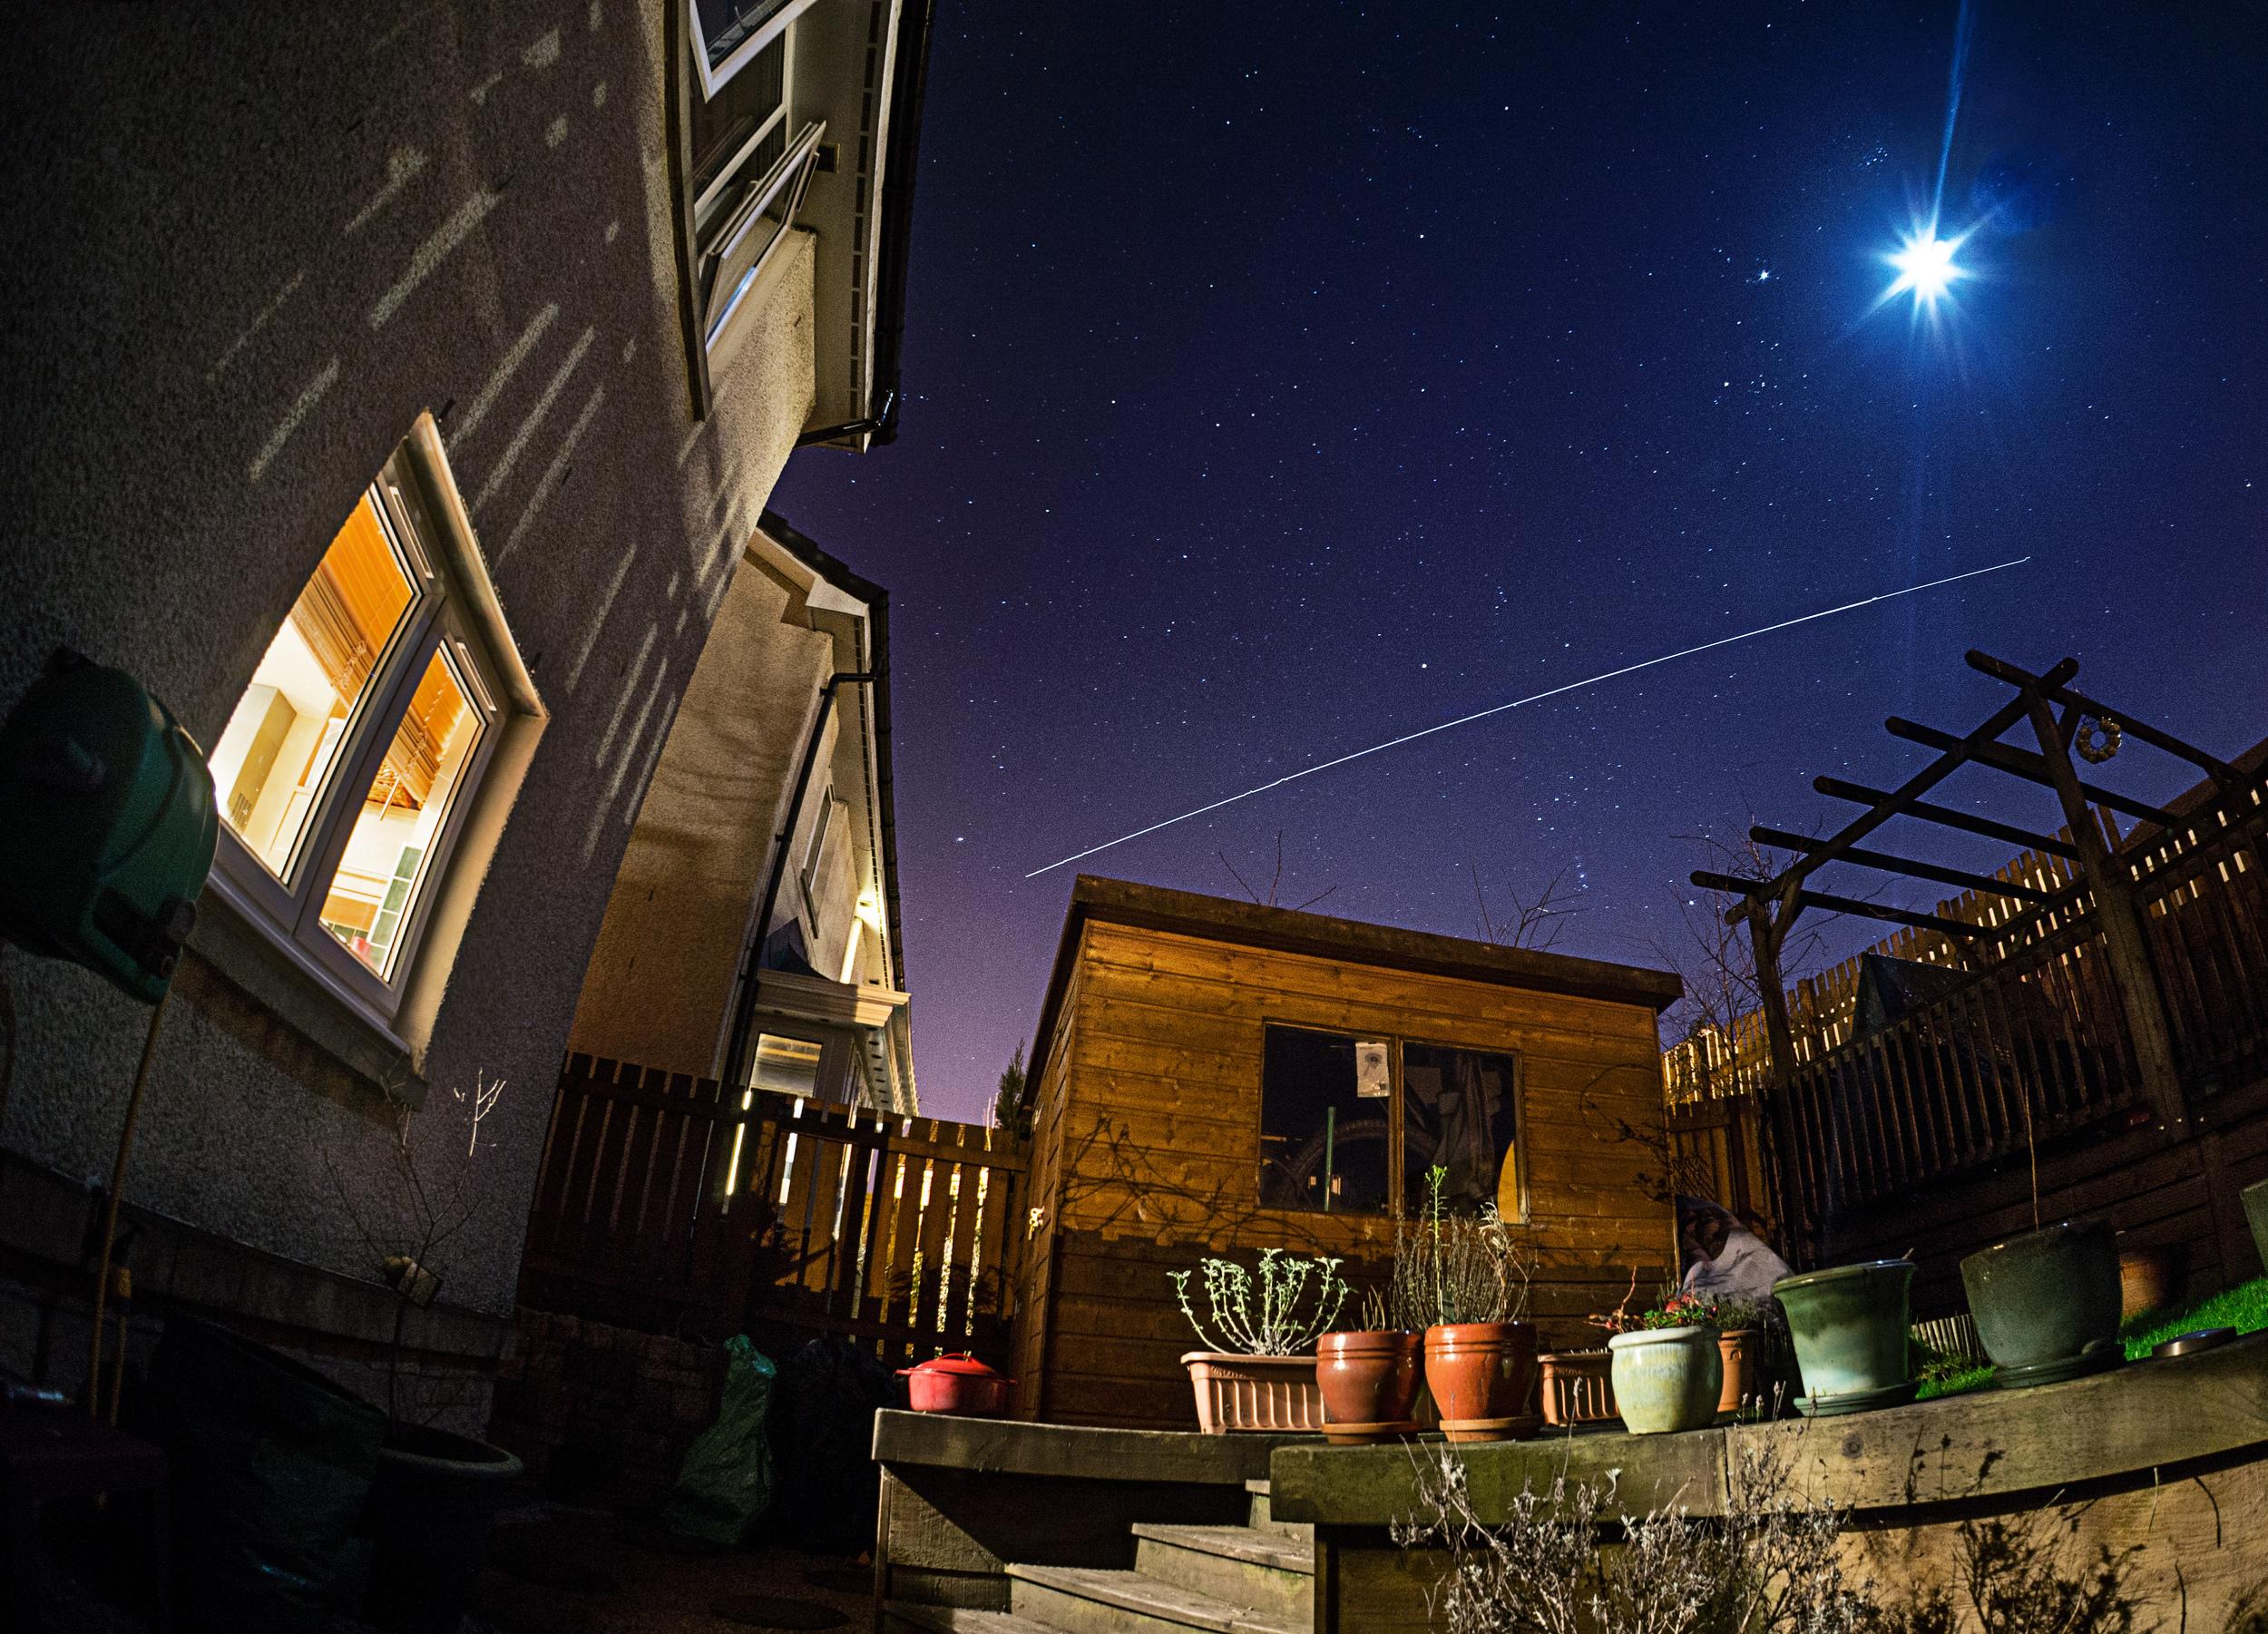 ISS Pass 17-02-2013 19:04